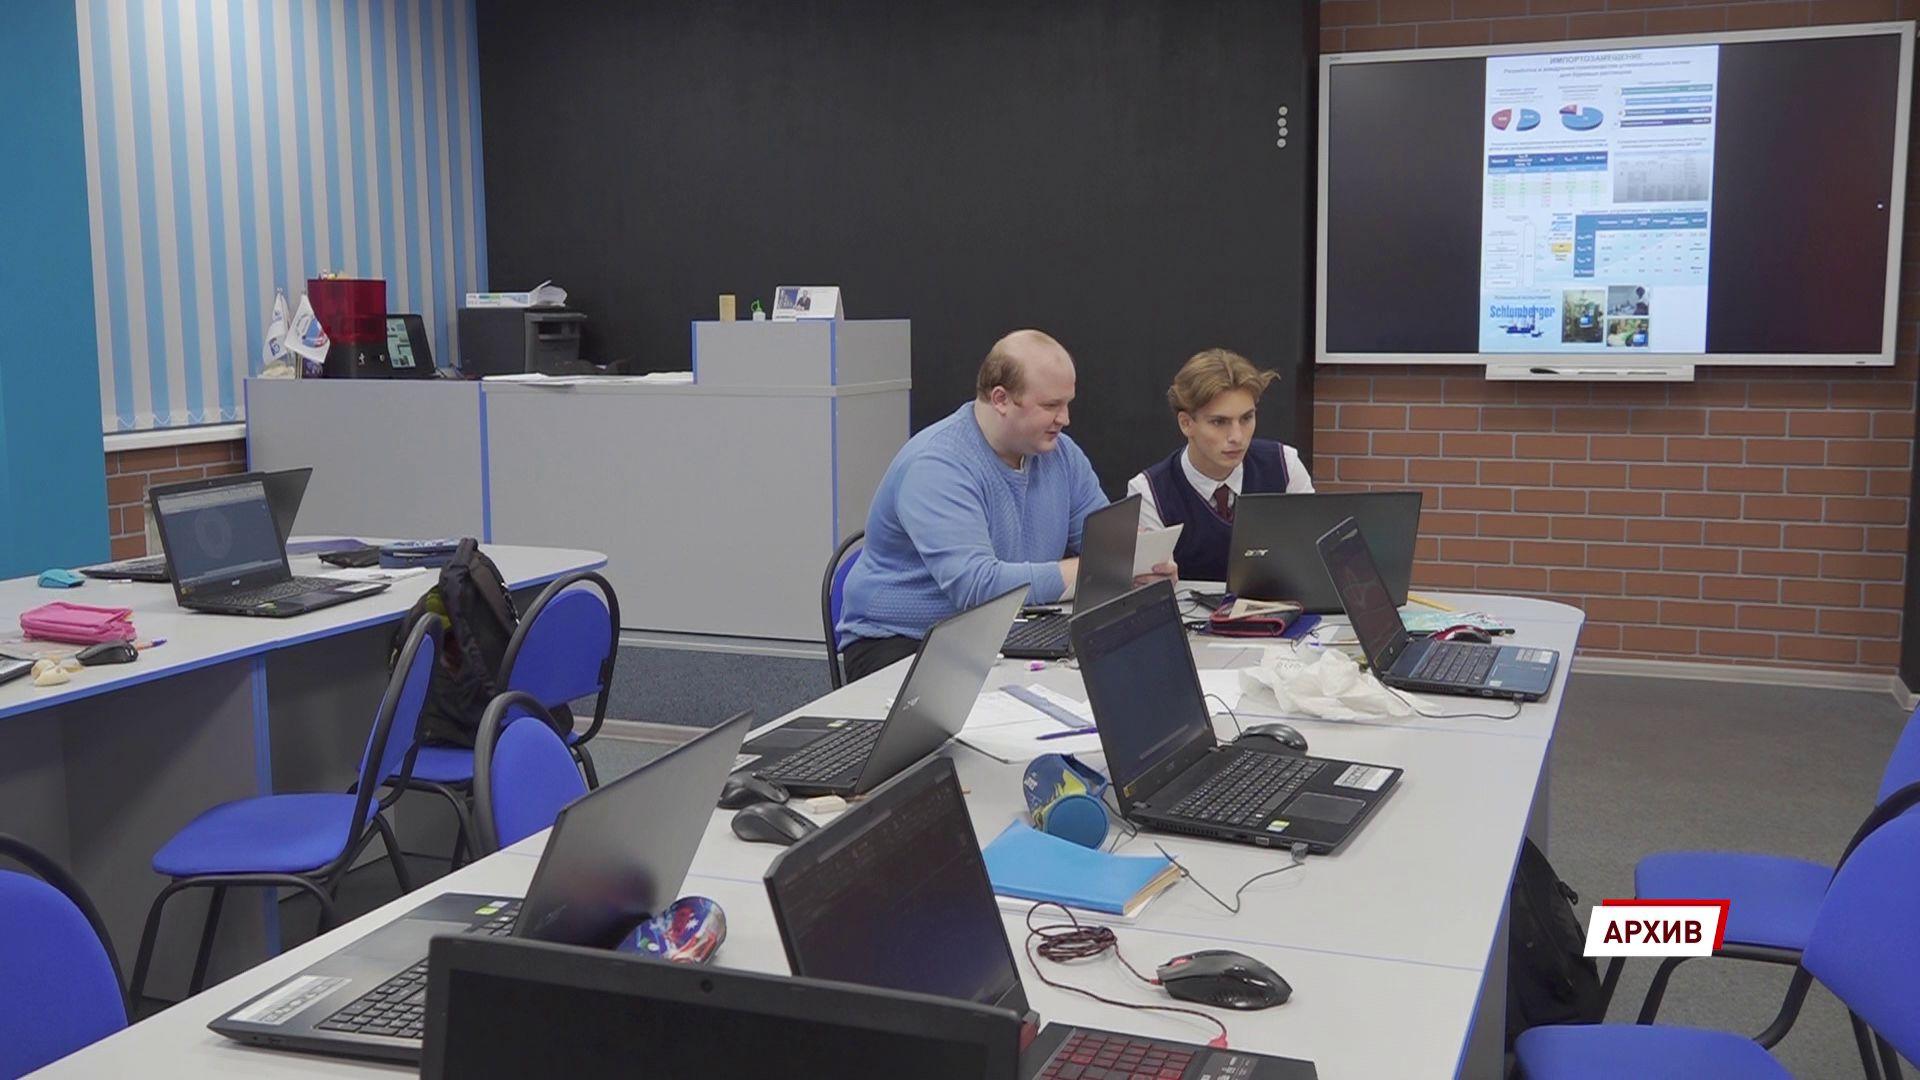 Школы и колледжи Ярославской области получат интерактивные компьютерные комплексы